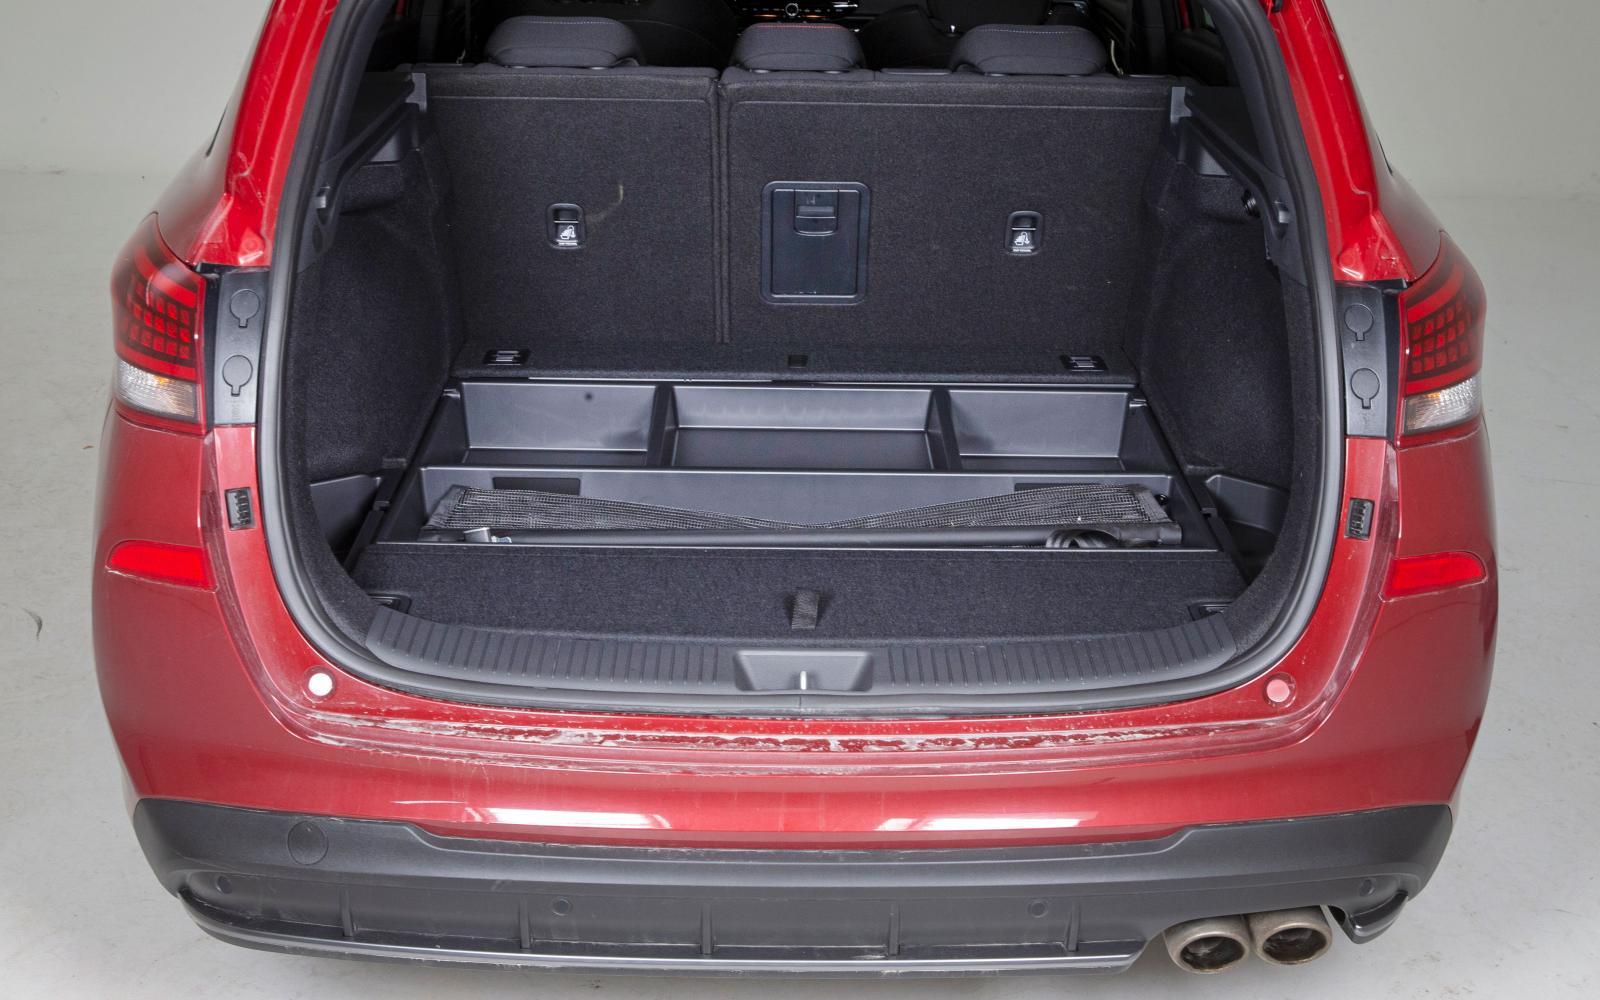 """Under Hyundais lastgolv döljer sig lönnfack för alla """"bra-och-ha-saker"""" som tenderar att alltid ligga i skuffen på landets alla kombibilar.Bredast bagage men sämre utrymme på höjden ger mindre maxlast än Golf/Leon. Baksätet delas 60/40 Irriterande liten genomlastningslucka."""